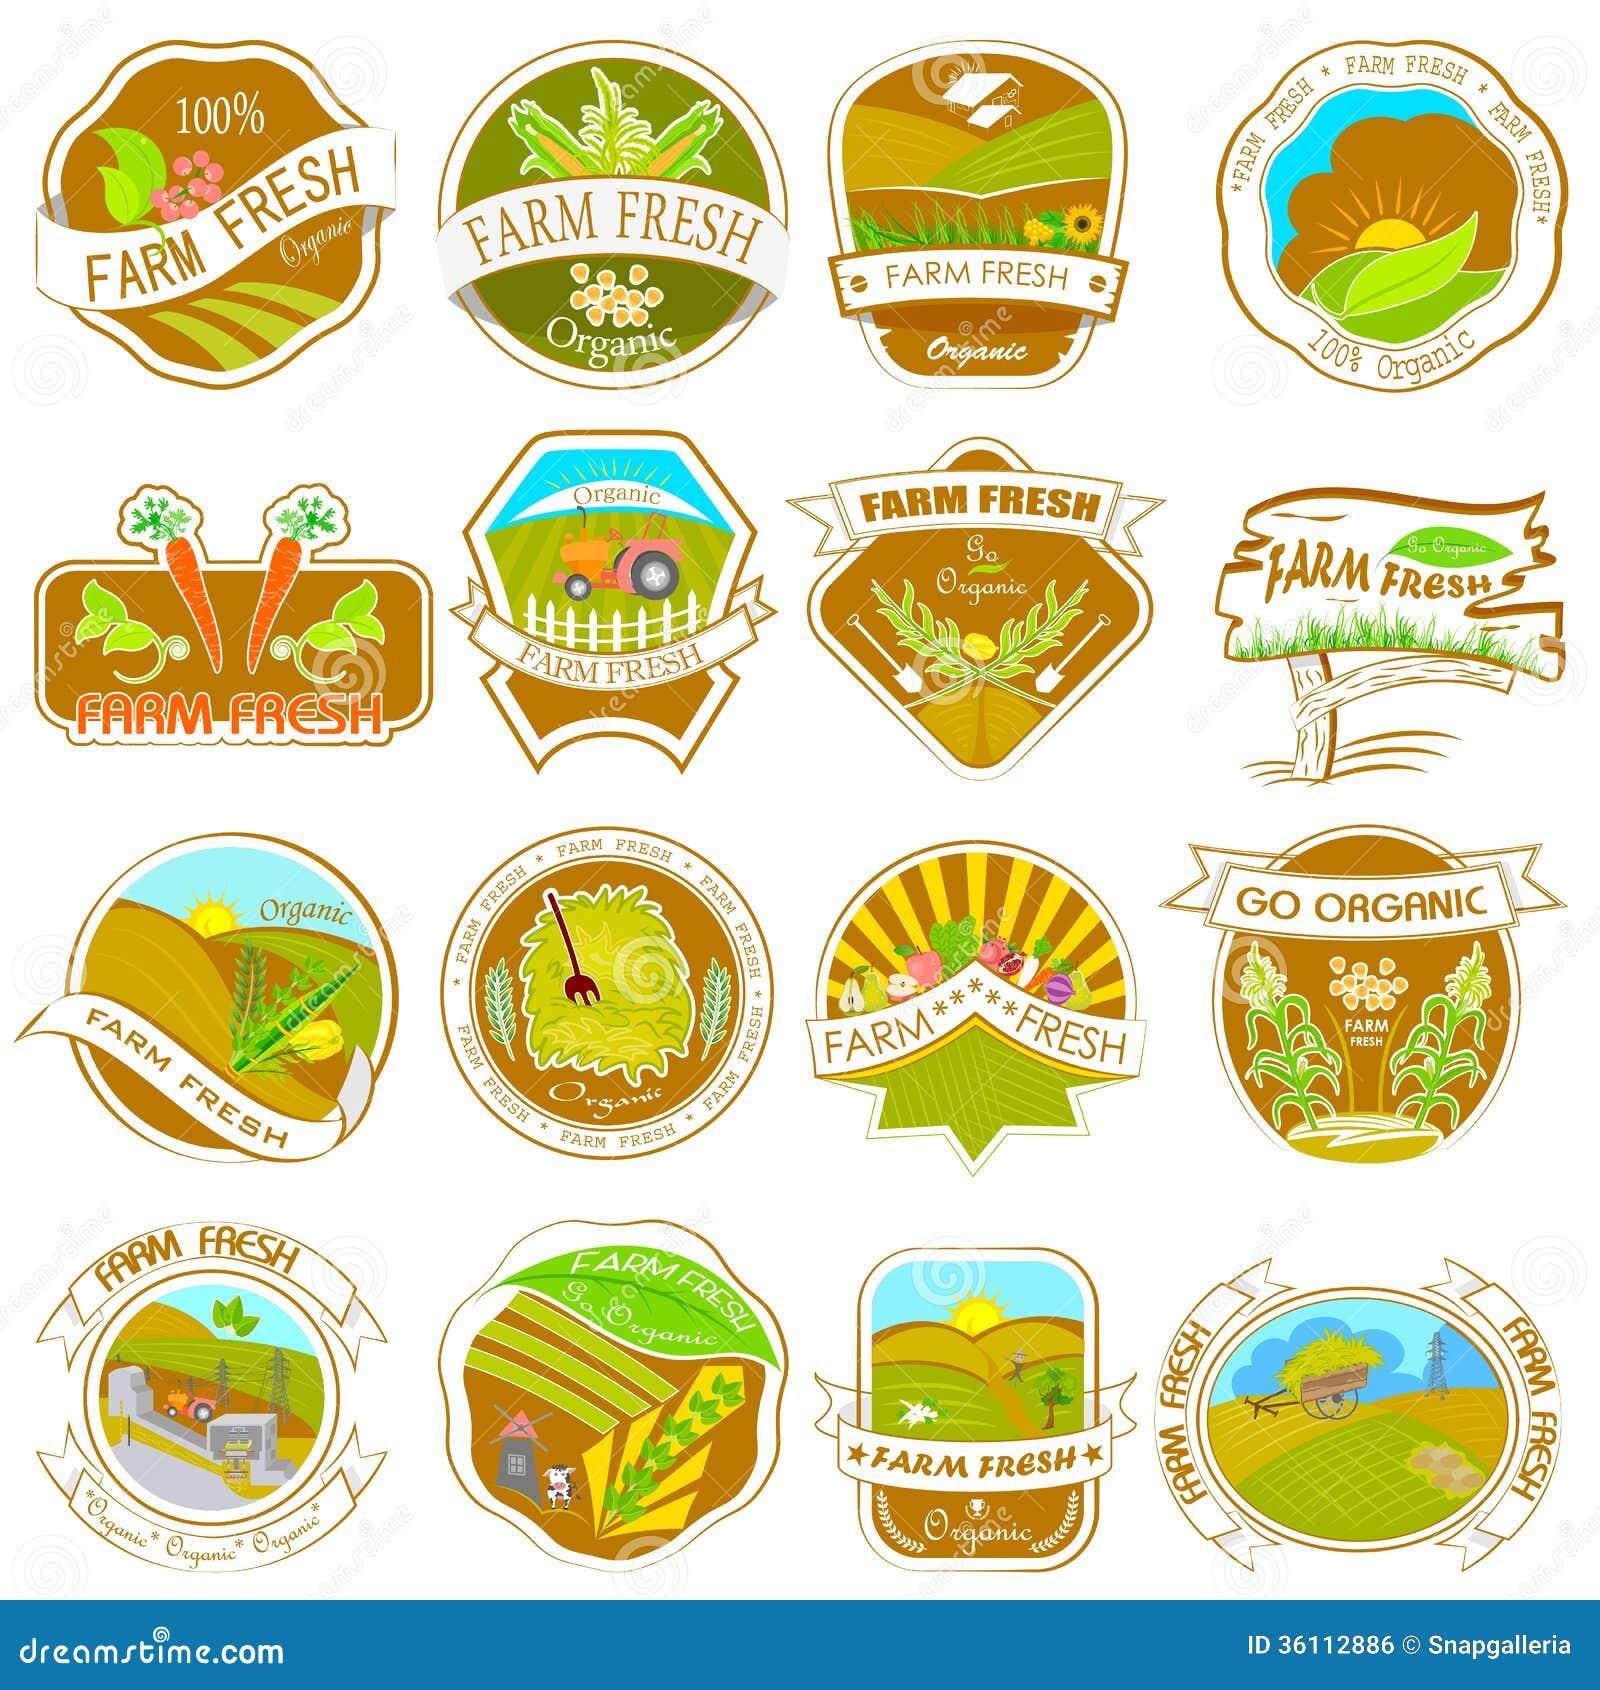 Free Printable Farm Food Labels